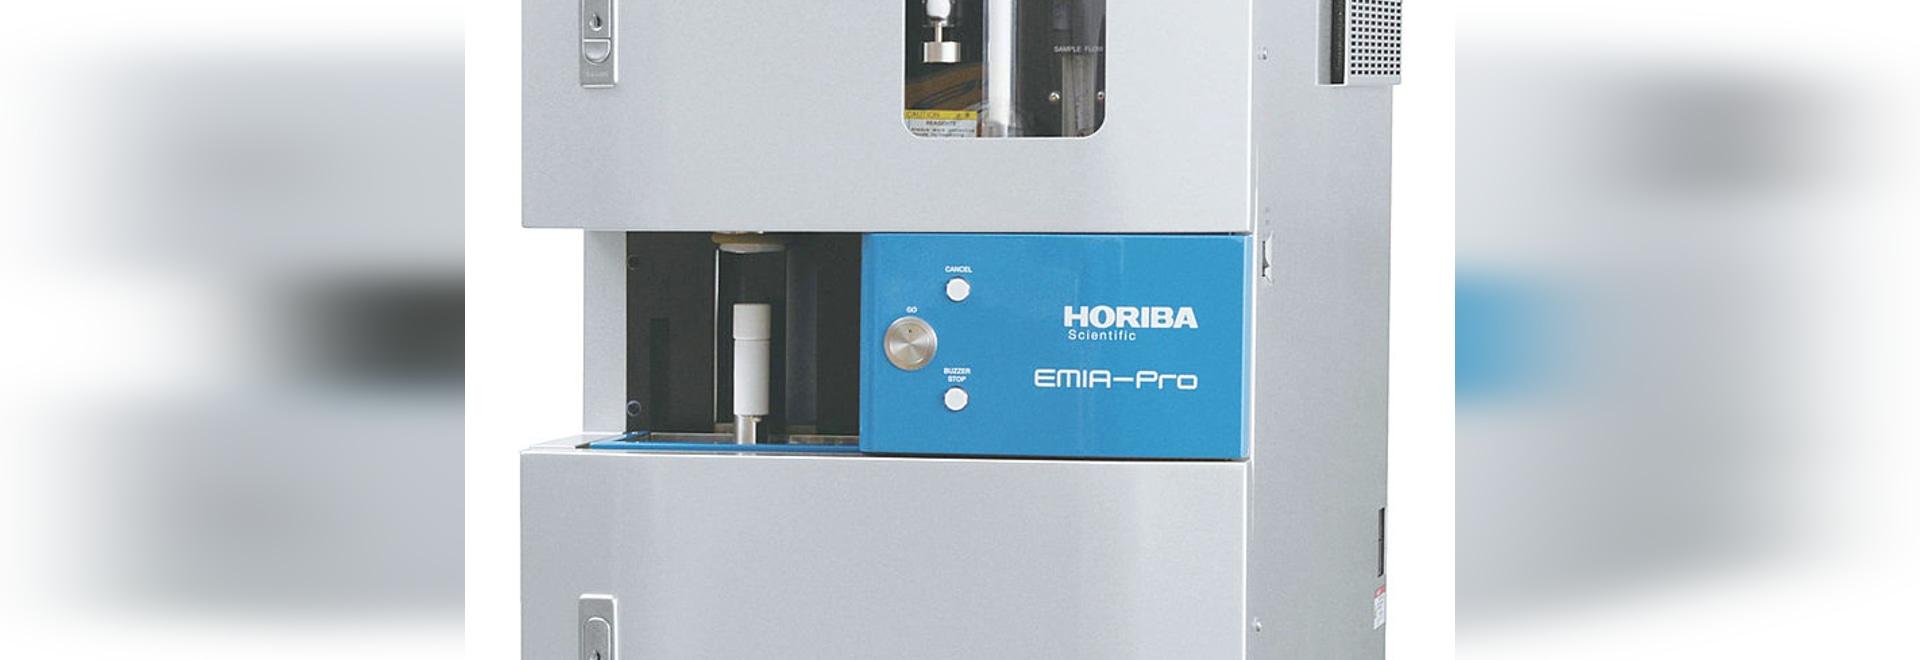 HORIBA wissenschaftlicher Anounces neuer EMIA-Procarbon/Schwefel-Analysator